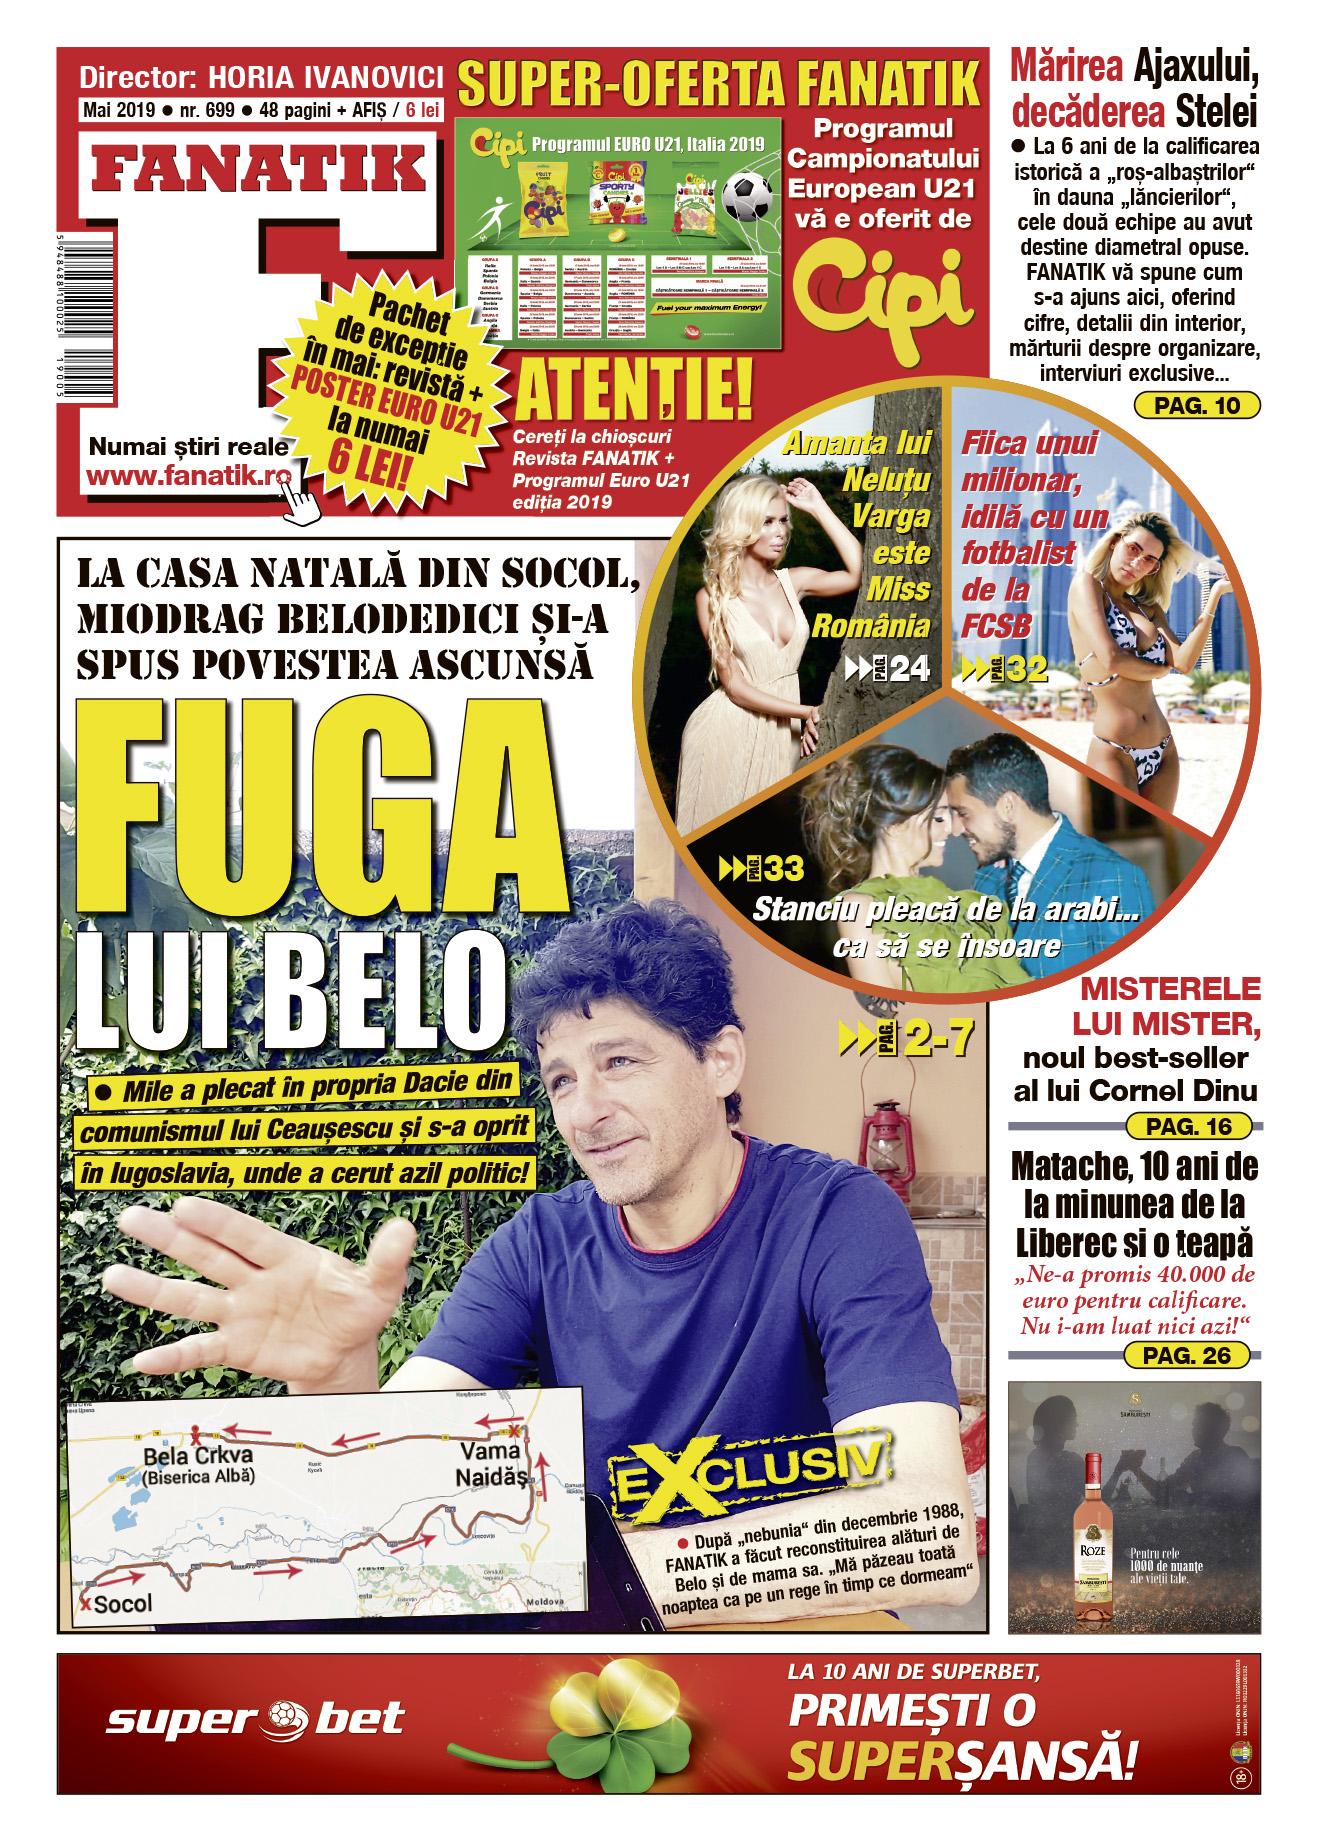 Nu rata un achet de excepție oferit de revista FANATIK din luna mai: poster cu programul Campionatului European U21 + 48 de pagini cu exclusivități, totul la numai 6 lei! Acum la toate chioșcurile de difuzare a presei!